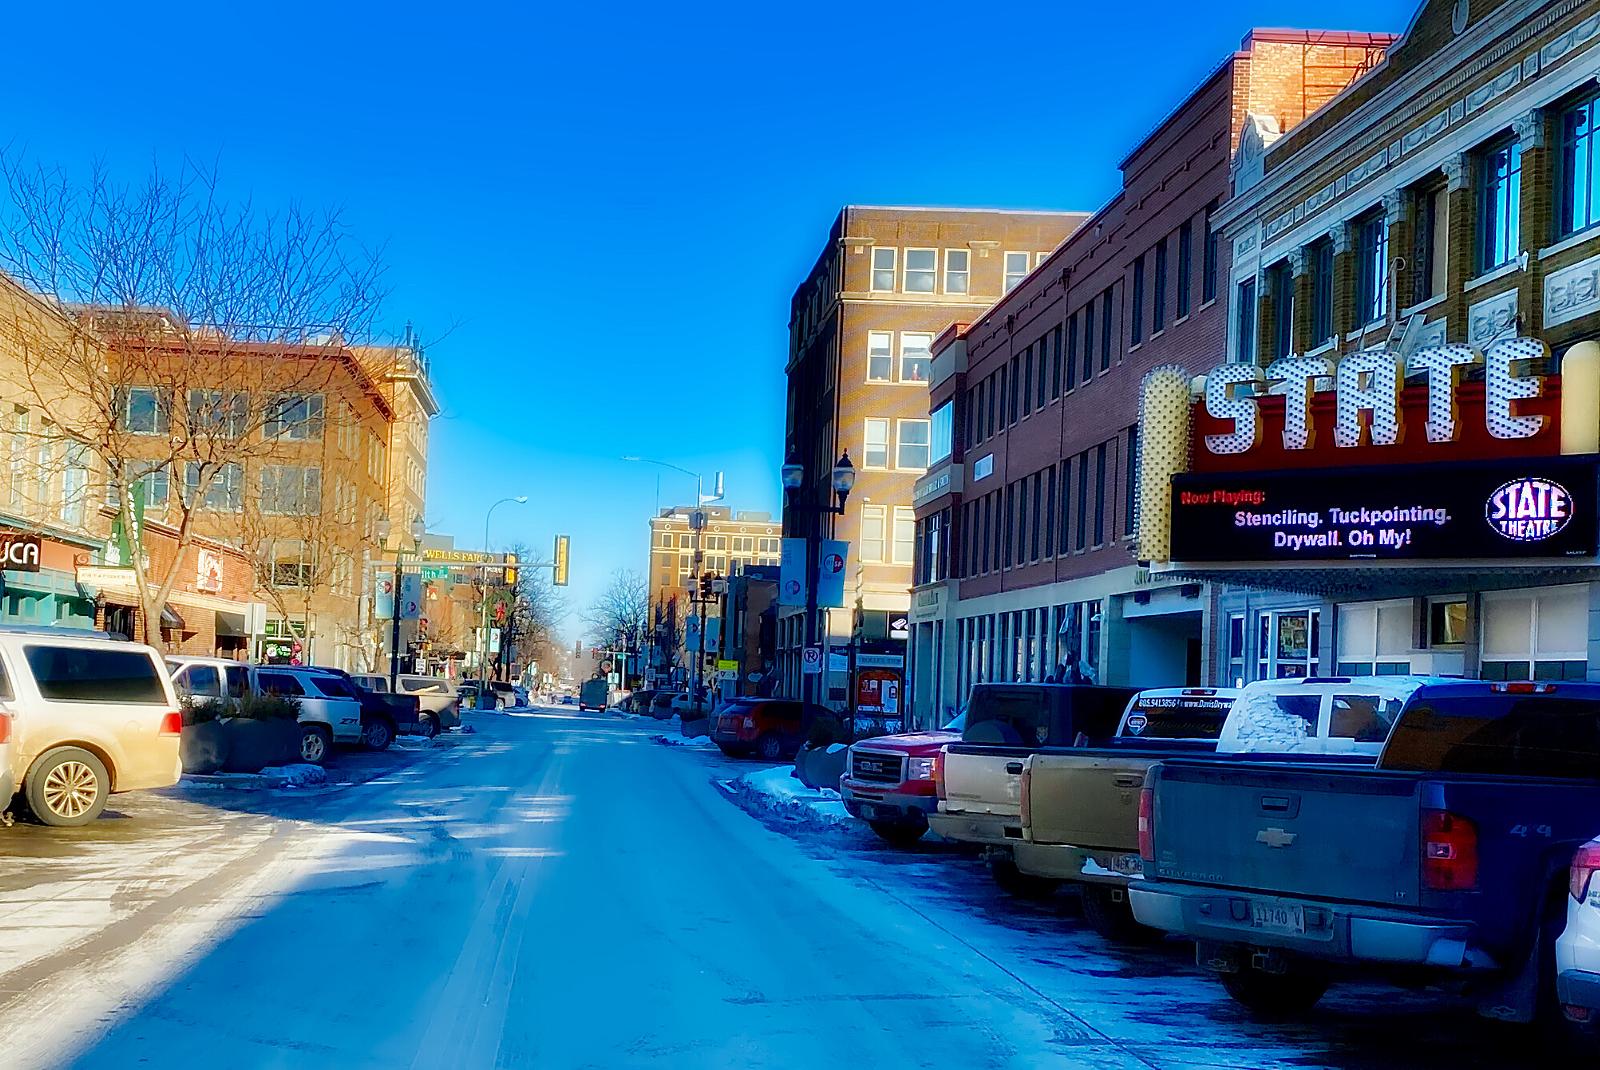 Downtown Sioux Falls - Ben Davis